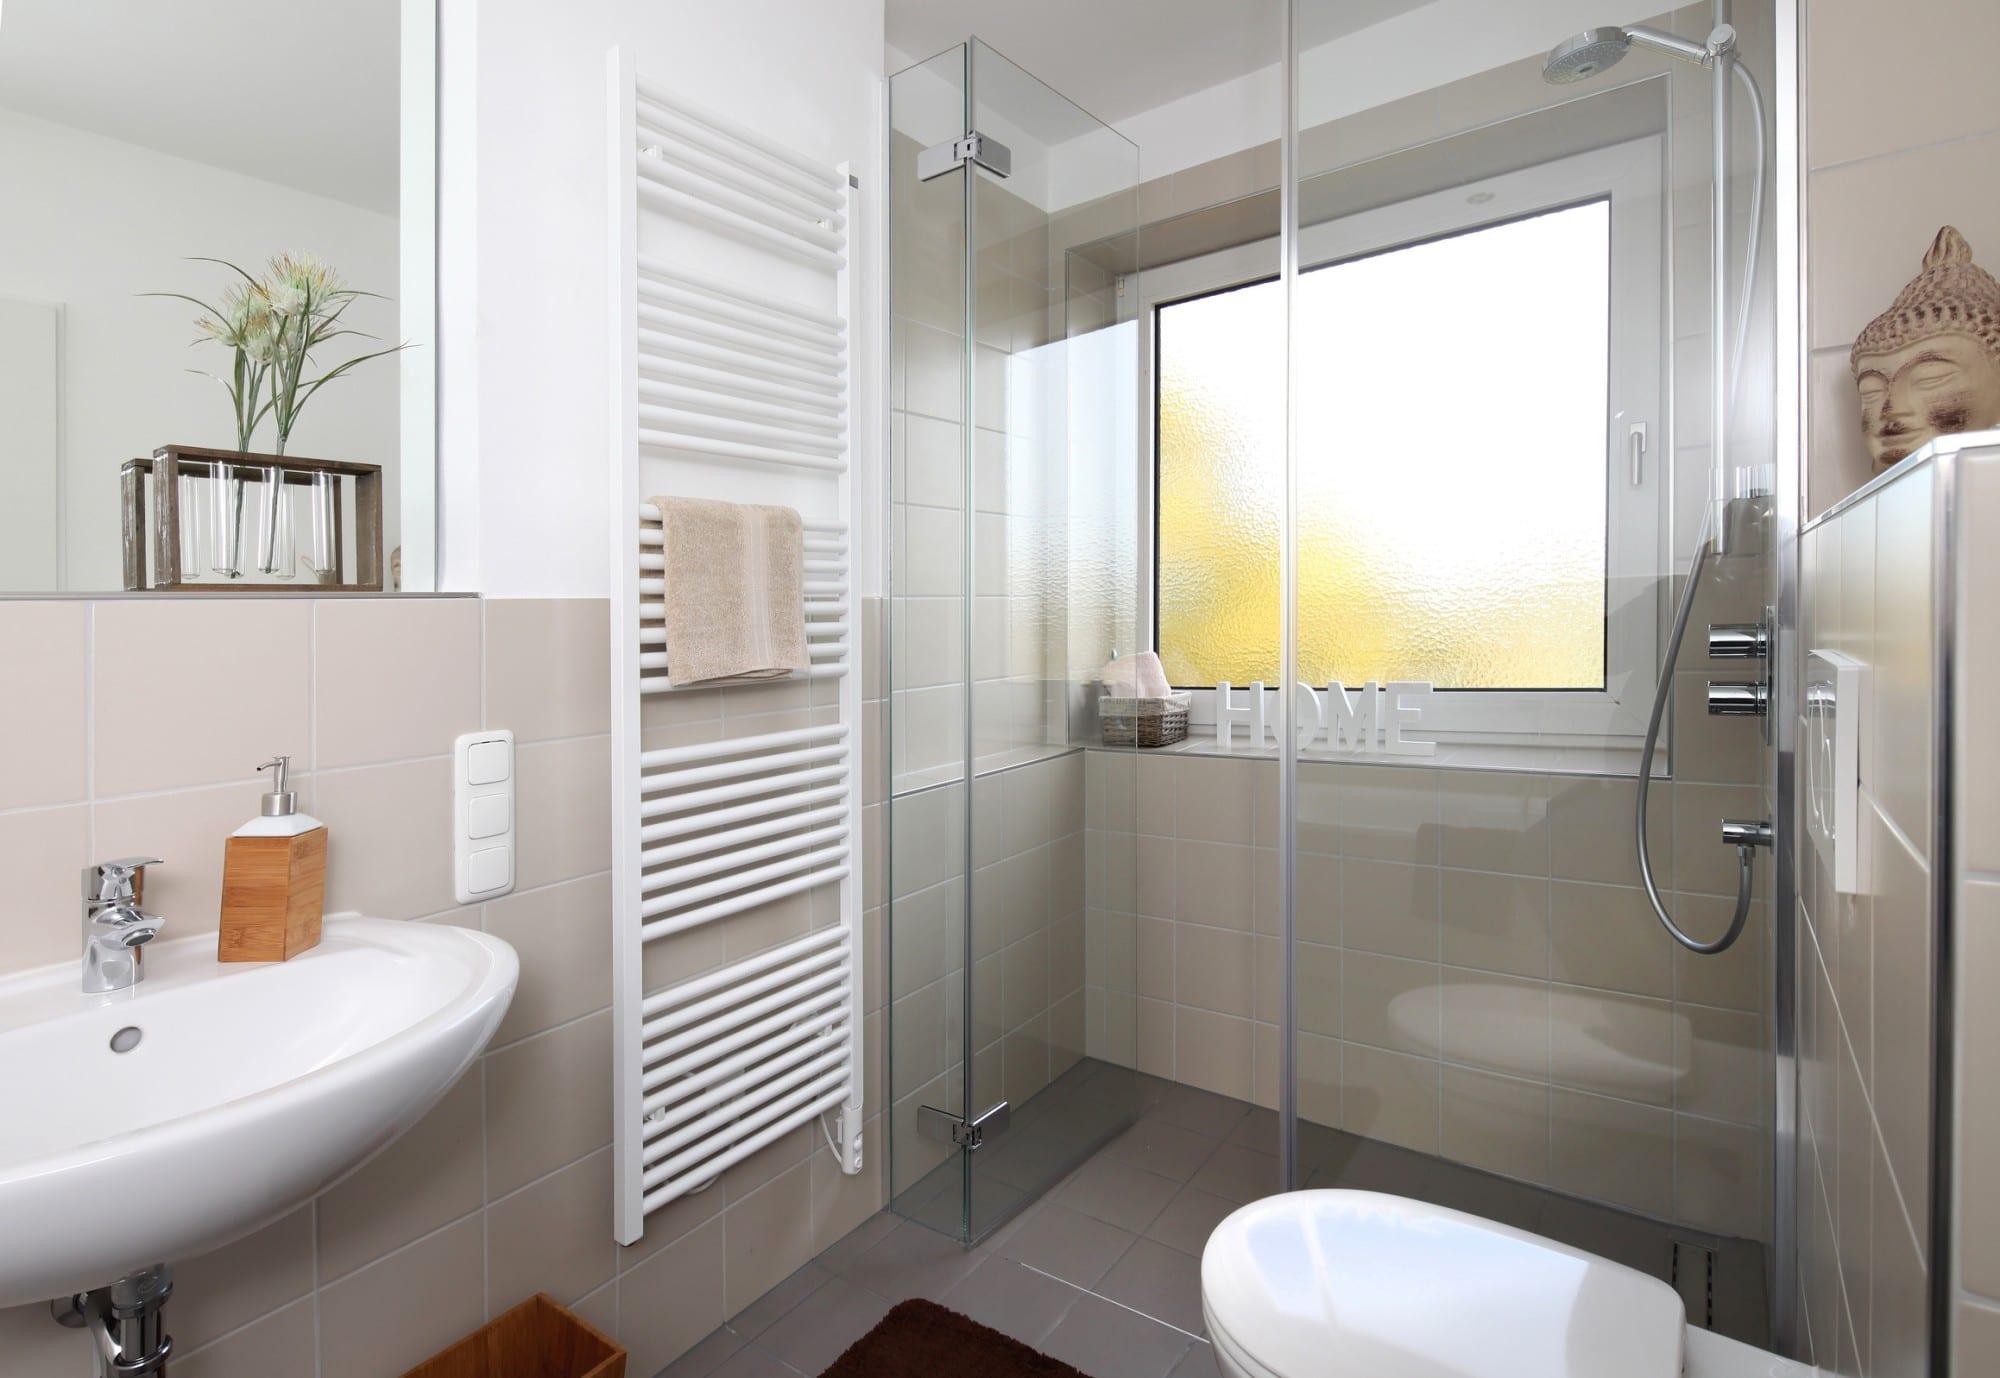 ✓ Badsanierung München   wir sanieren günstig und zuverlässig